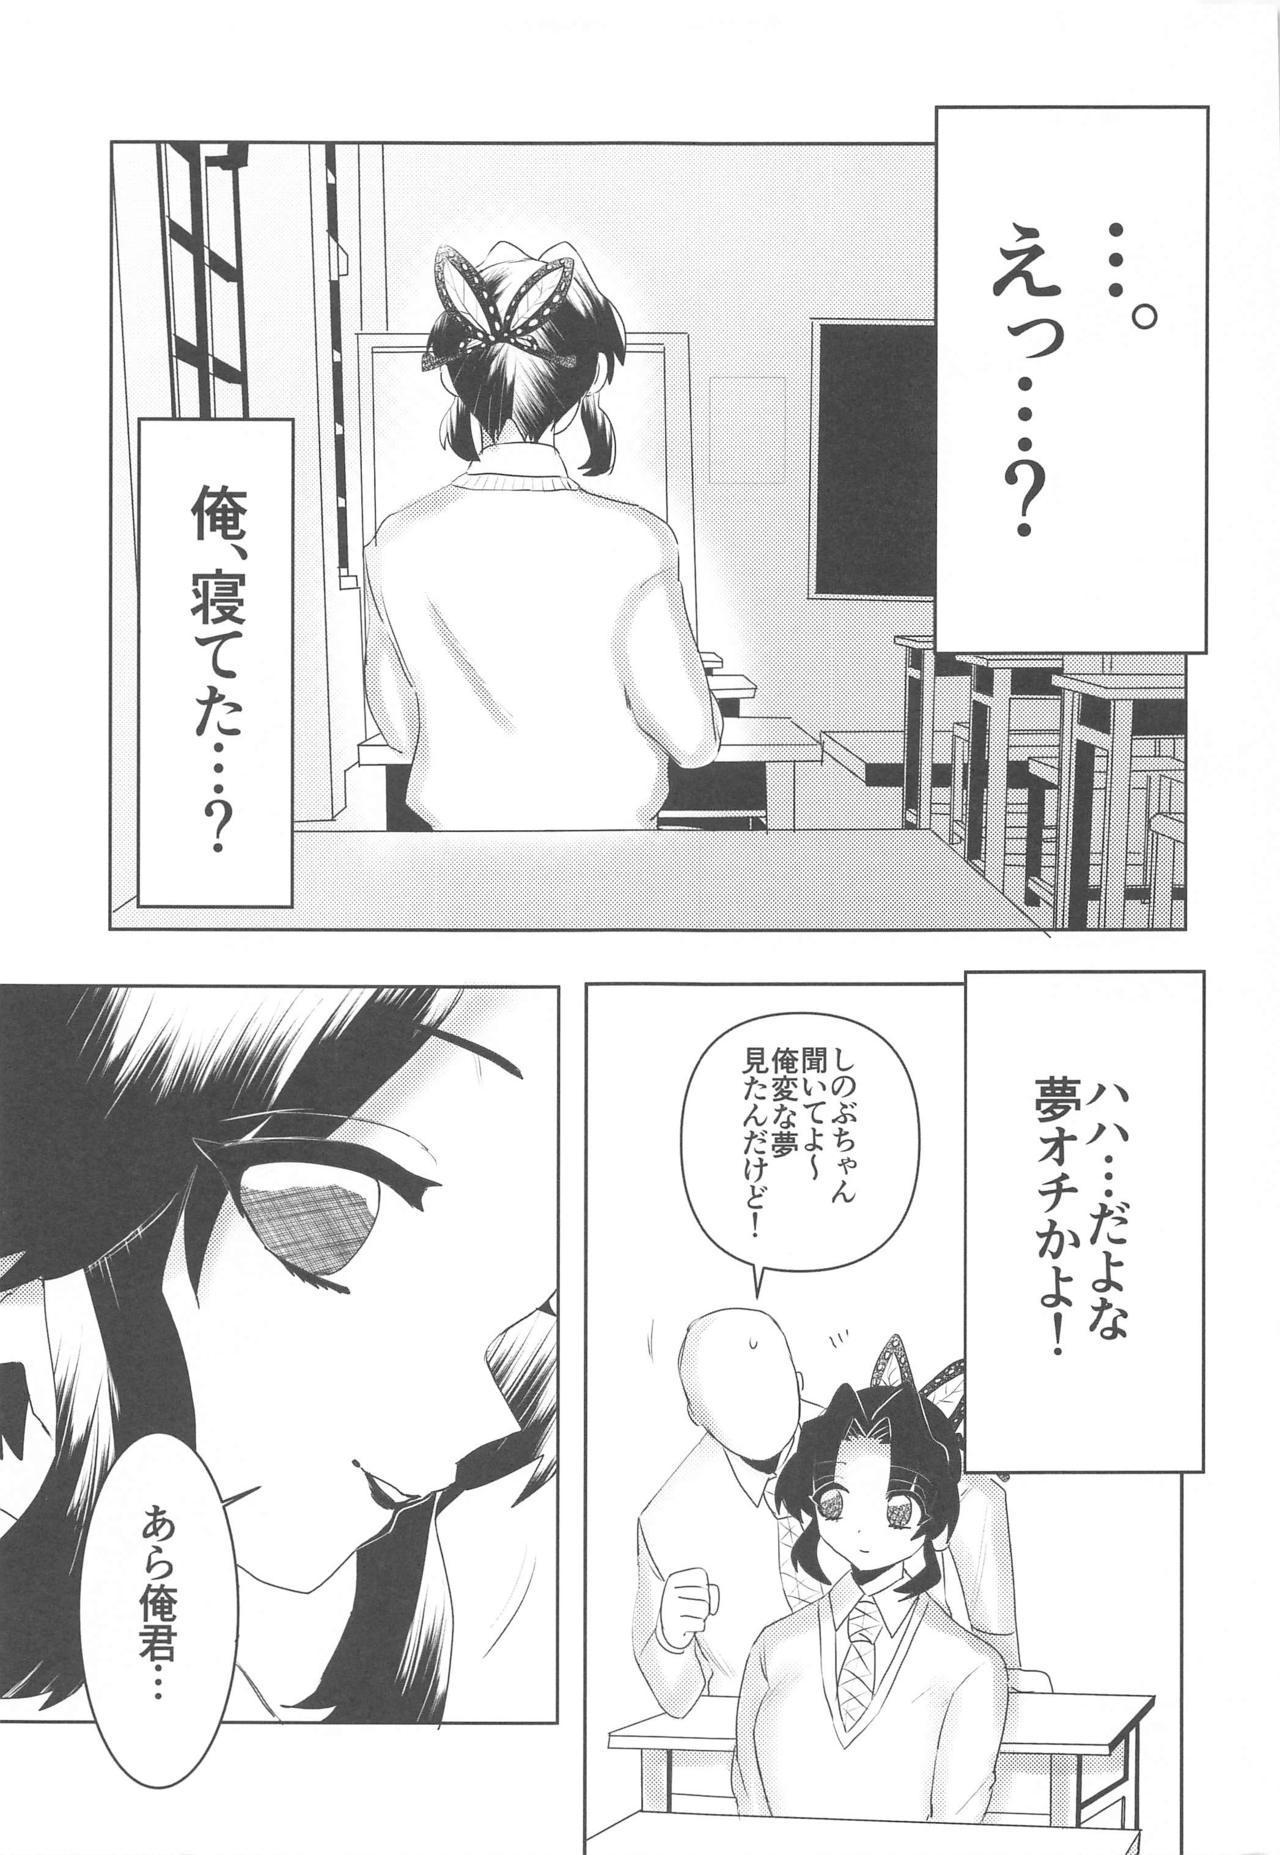 Watashi, Kono Hito ni Otosaremashita. 29